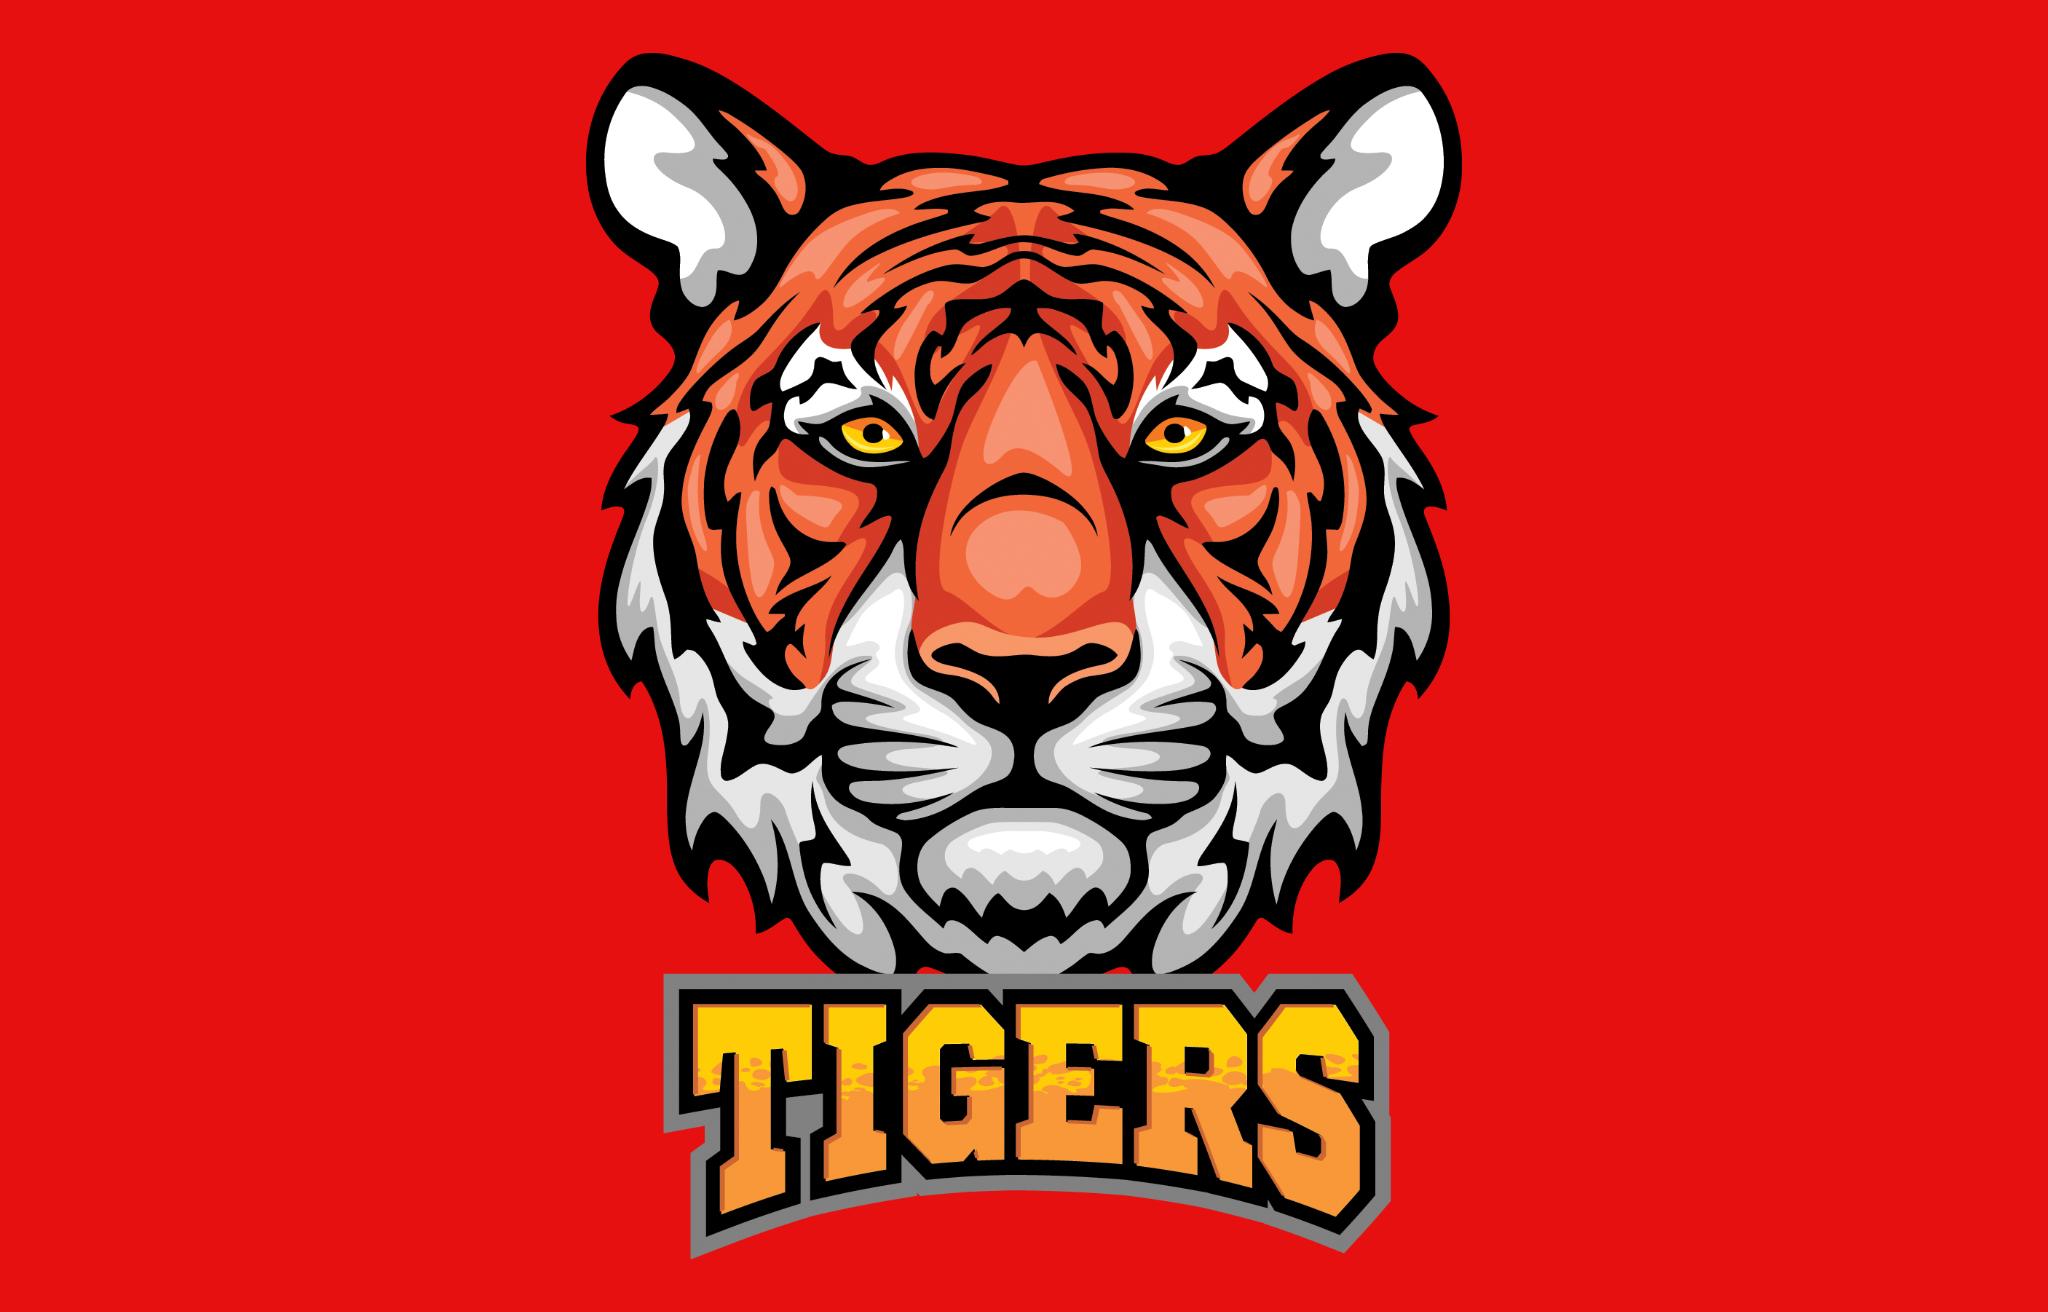 Legacy FC Tigers